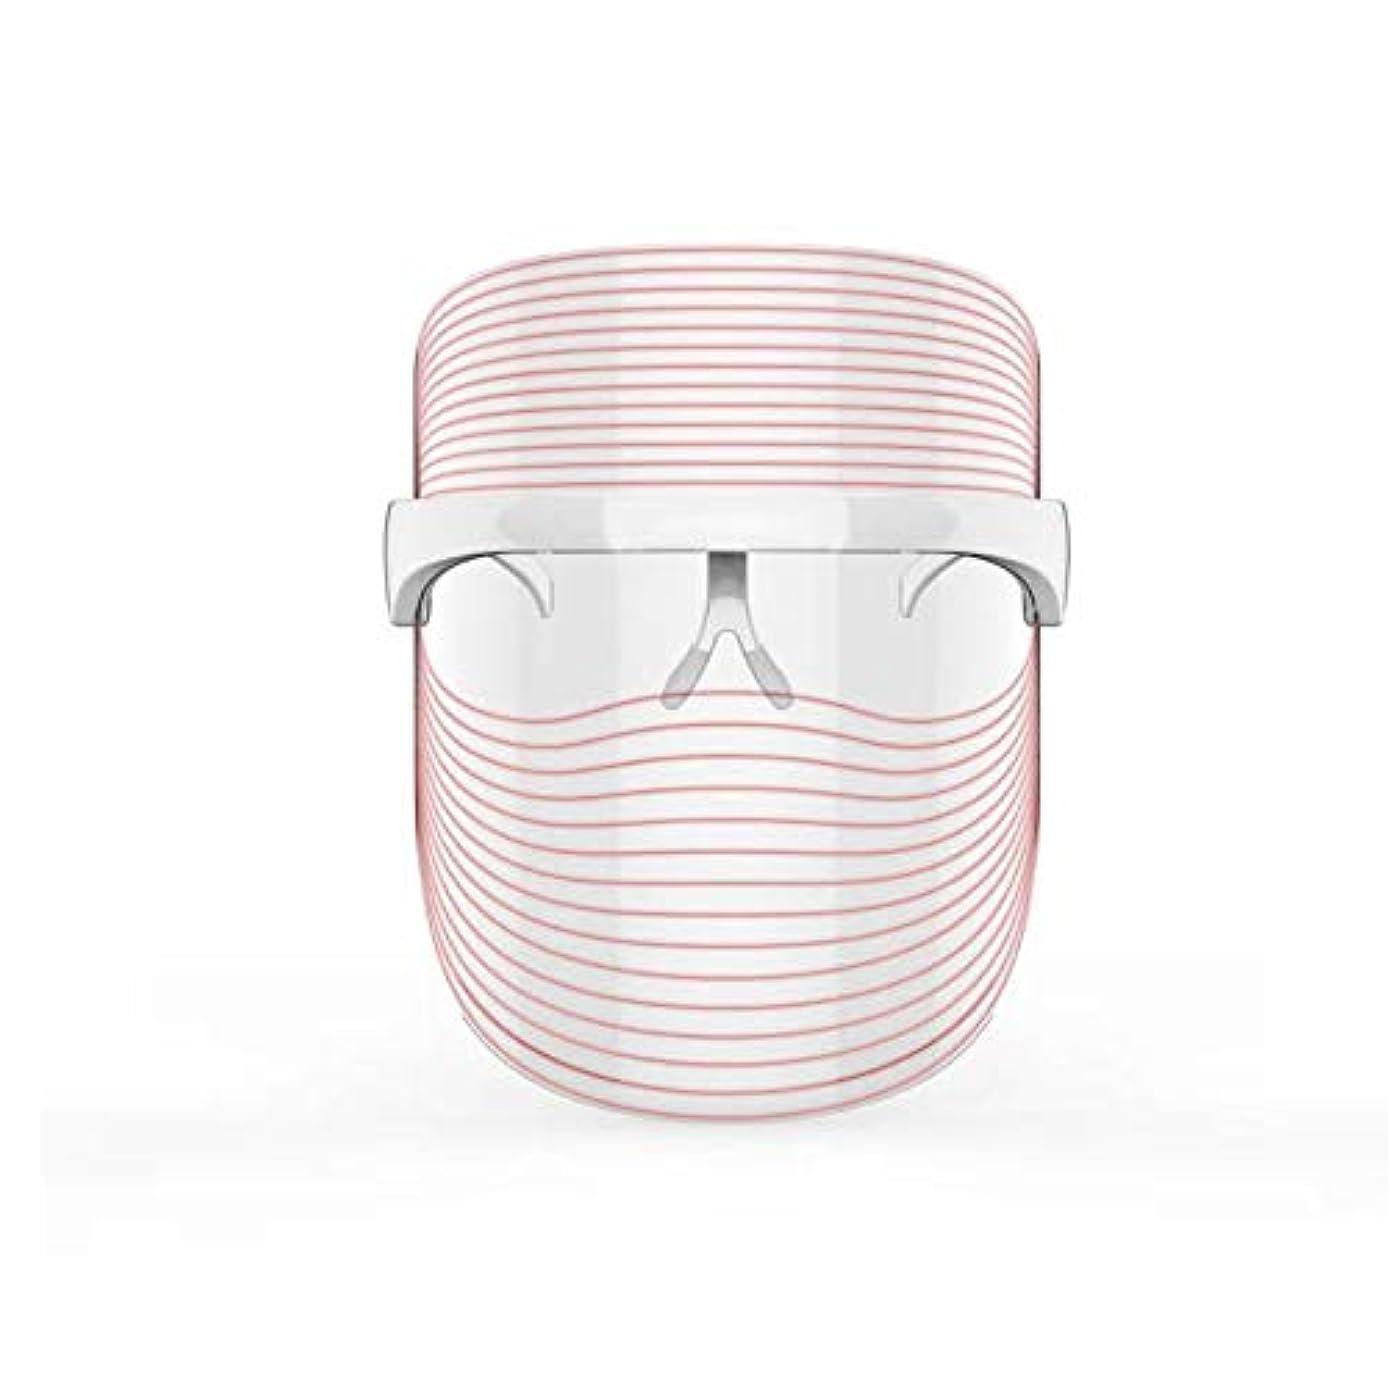 傷つきやすい規定警戒3色LEDマスクフェイス&ネックネオン白熱LEDフェイスマスク電動フェイシャルスキンケアフェイススキンビューティー